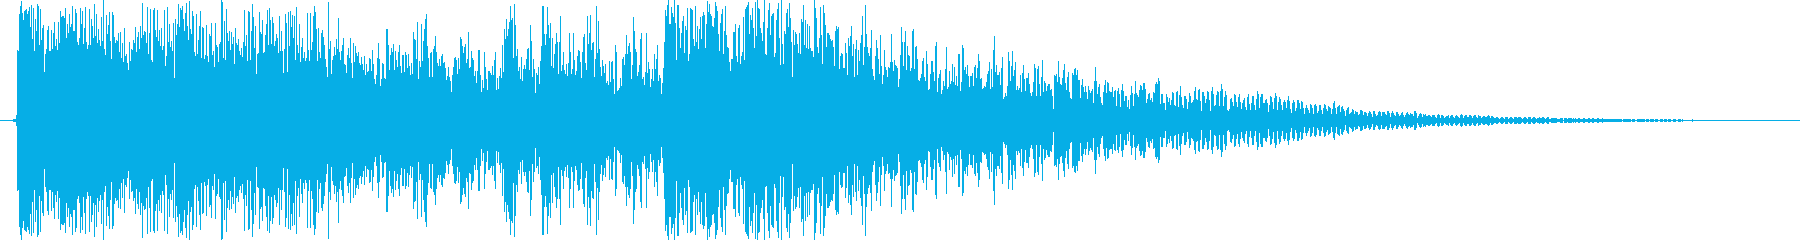 ゲーム、TV等、開始ジングル-001の再生済みの波形